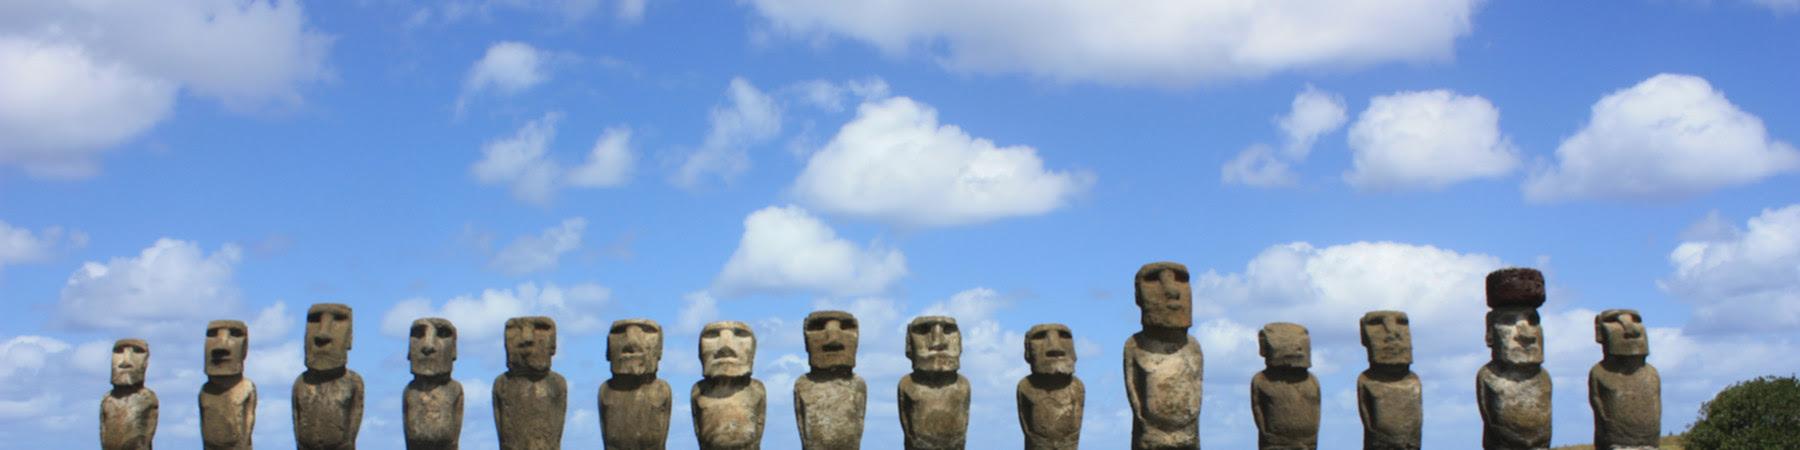 http://wikitravel.org/en/Easter_Island